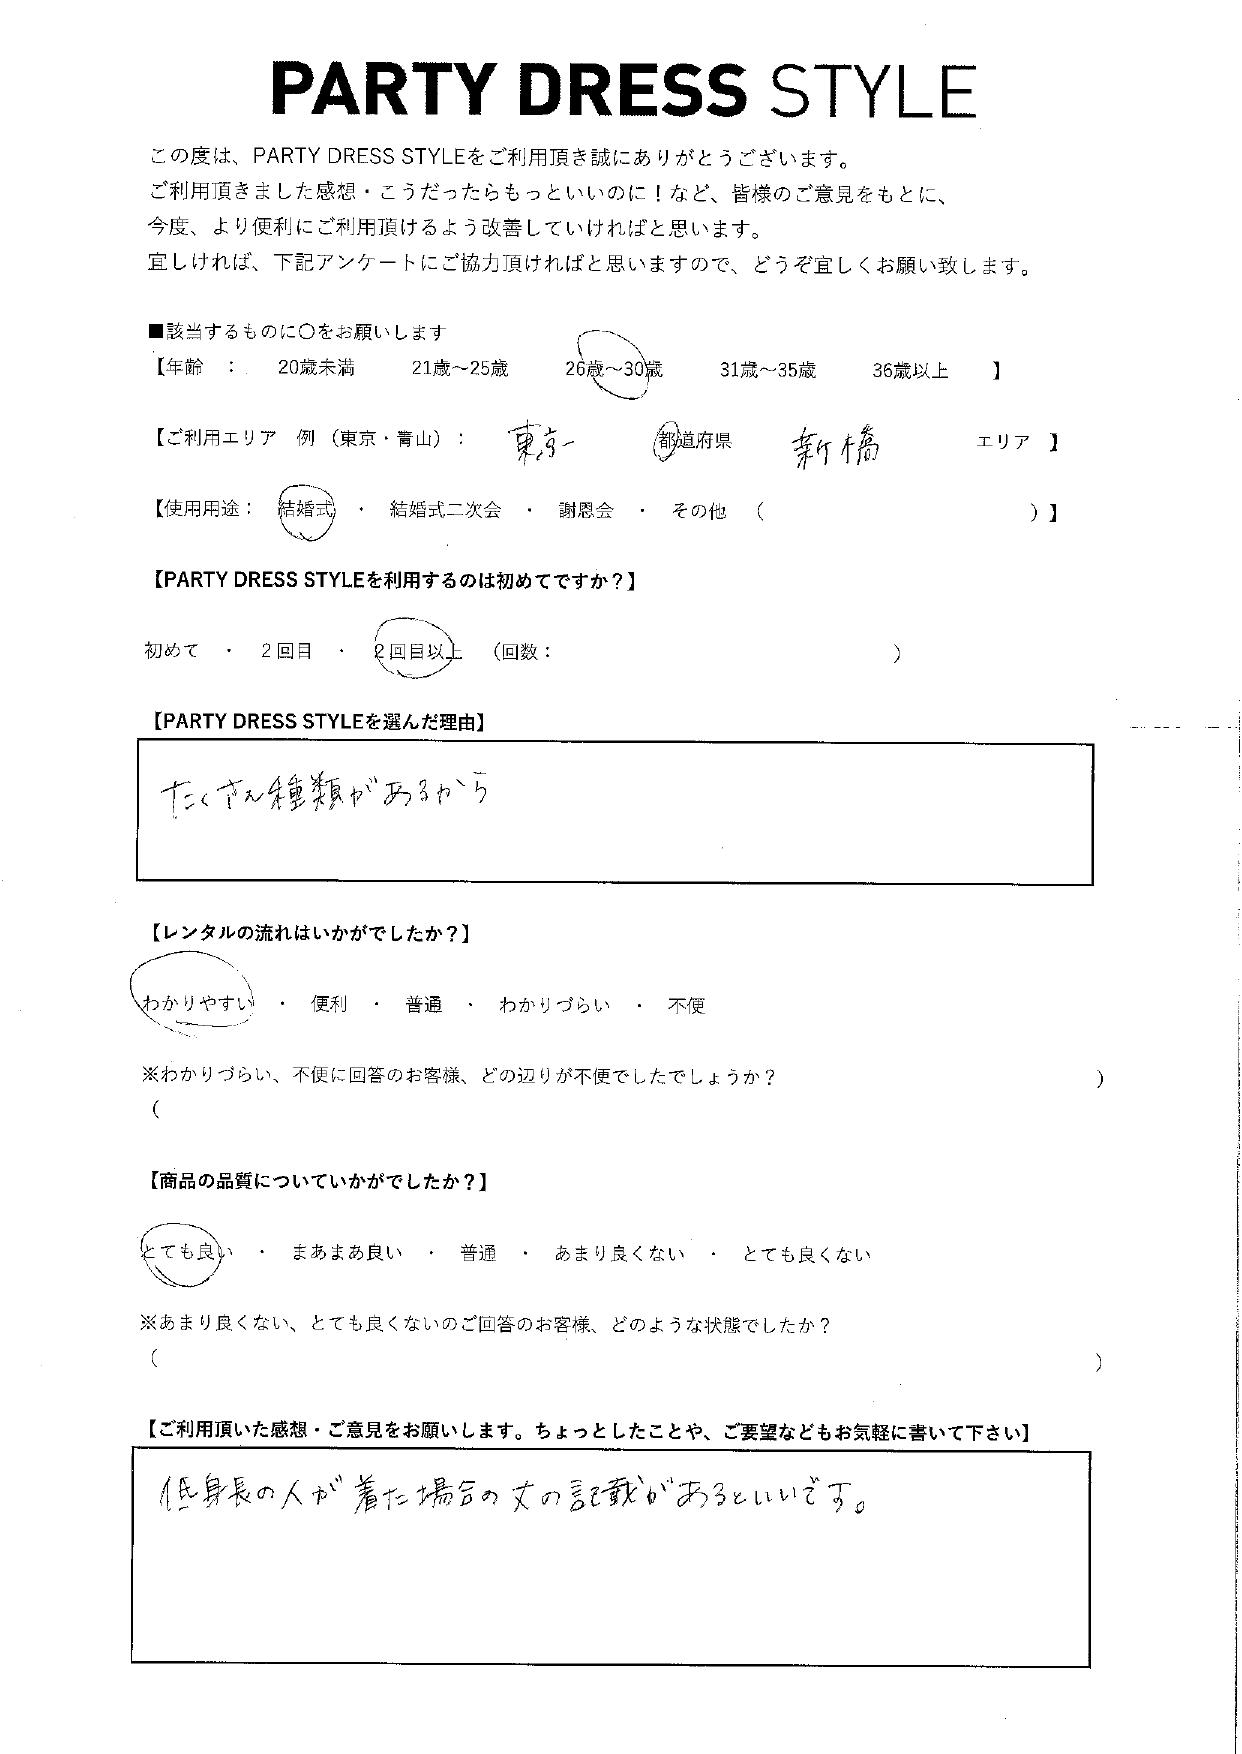 7/18結婚式ご利用 東京・新橋エリア